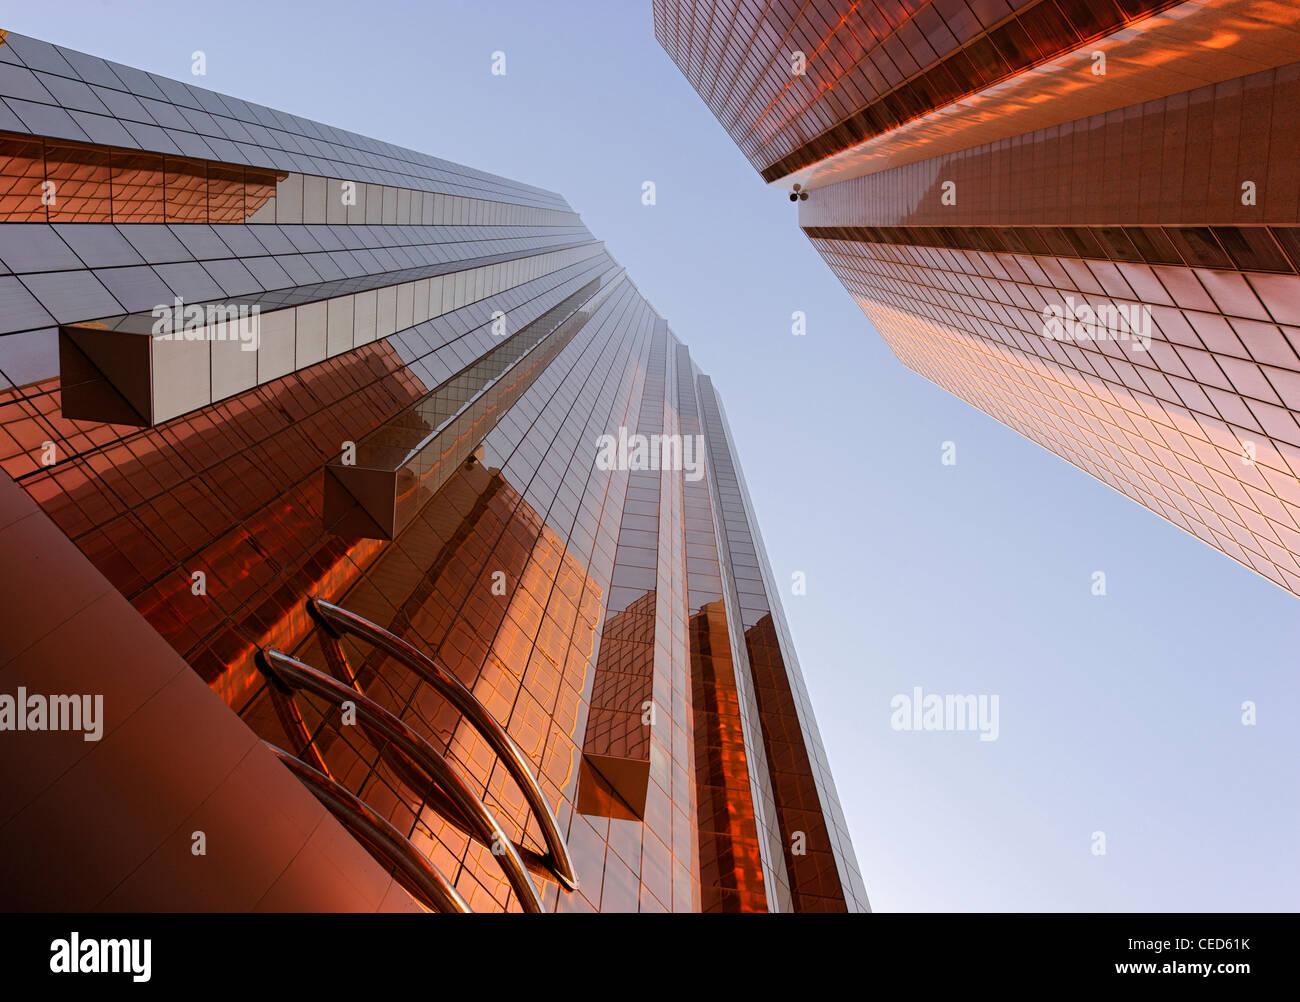 Architecture immagini architecture fotos stock alamy for Architettura moderna londra